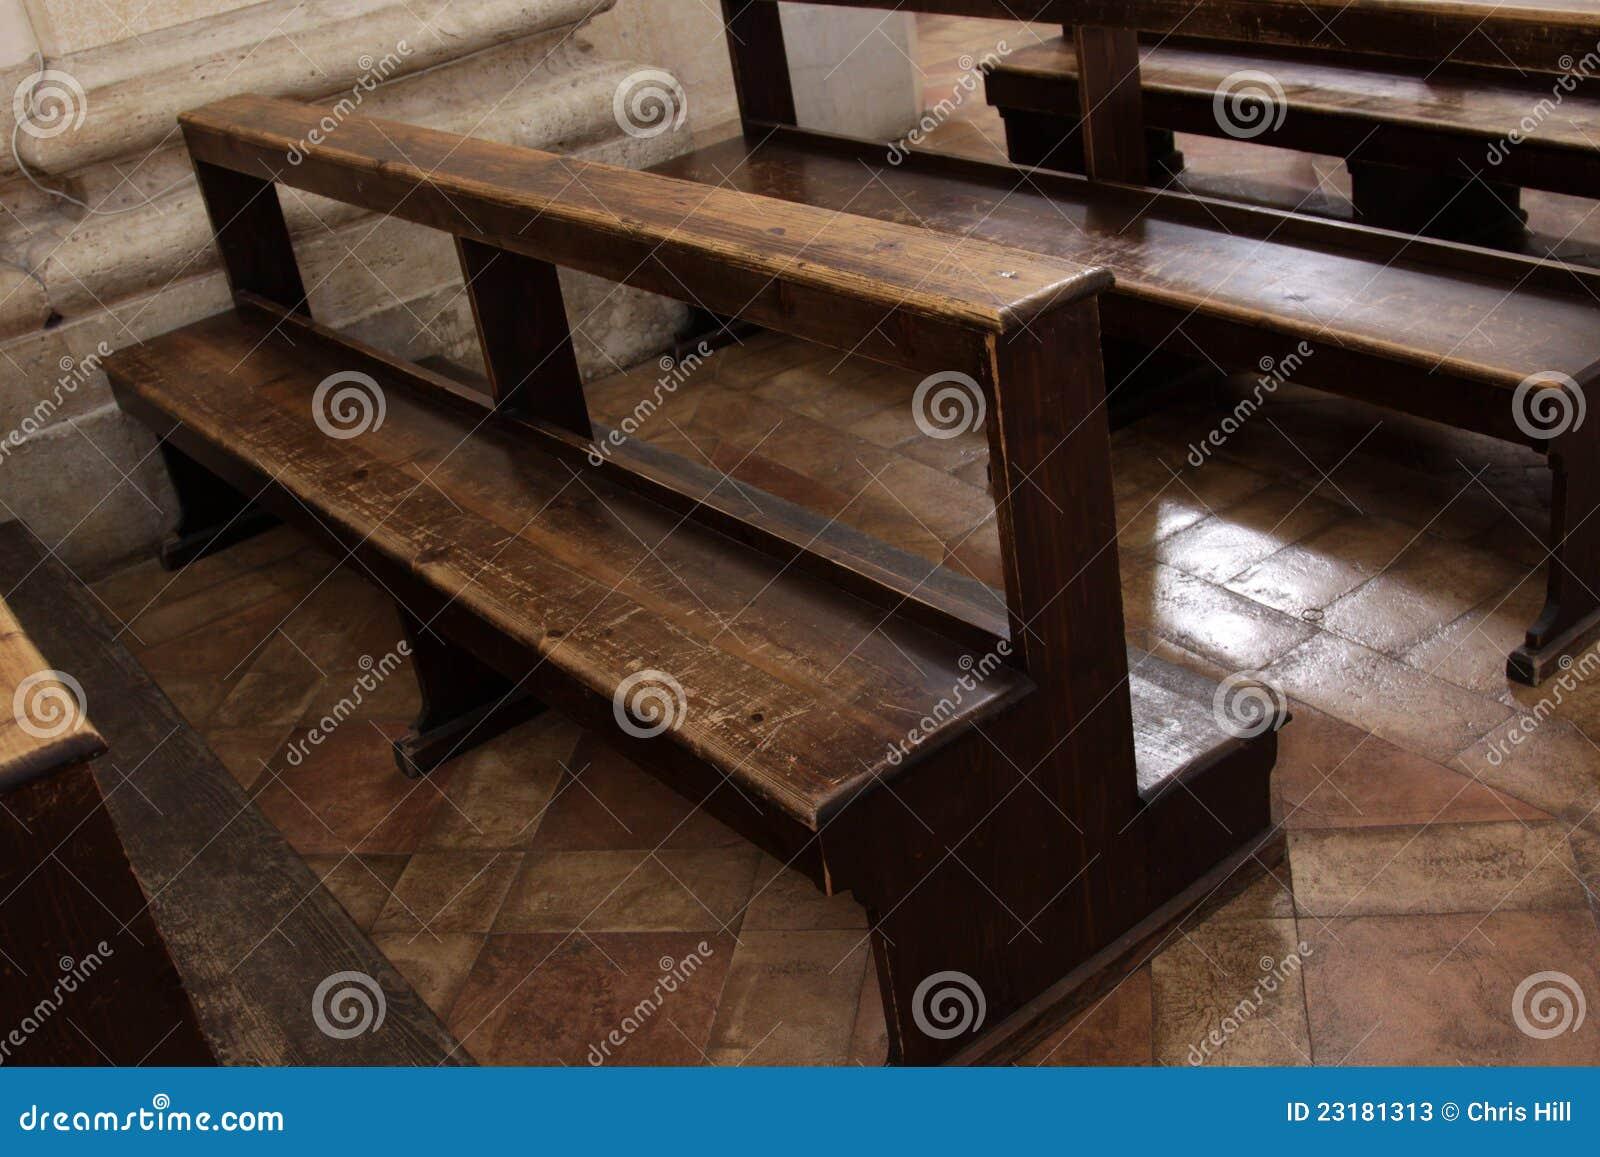 Bancos Usados Poço Da Igreja Fotos de Stock Imagem: 23181313 #82A328 1300x957